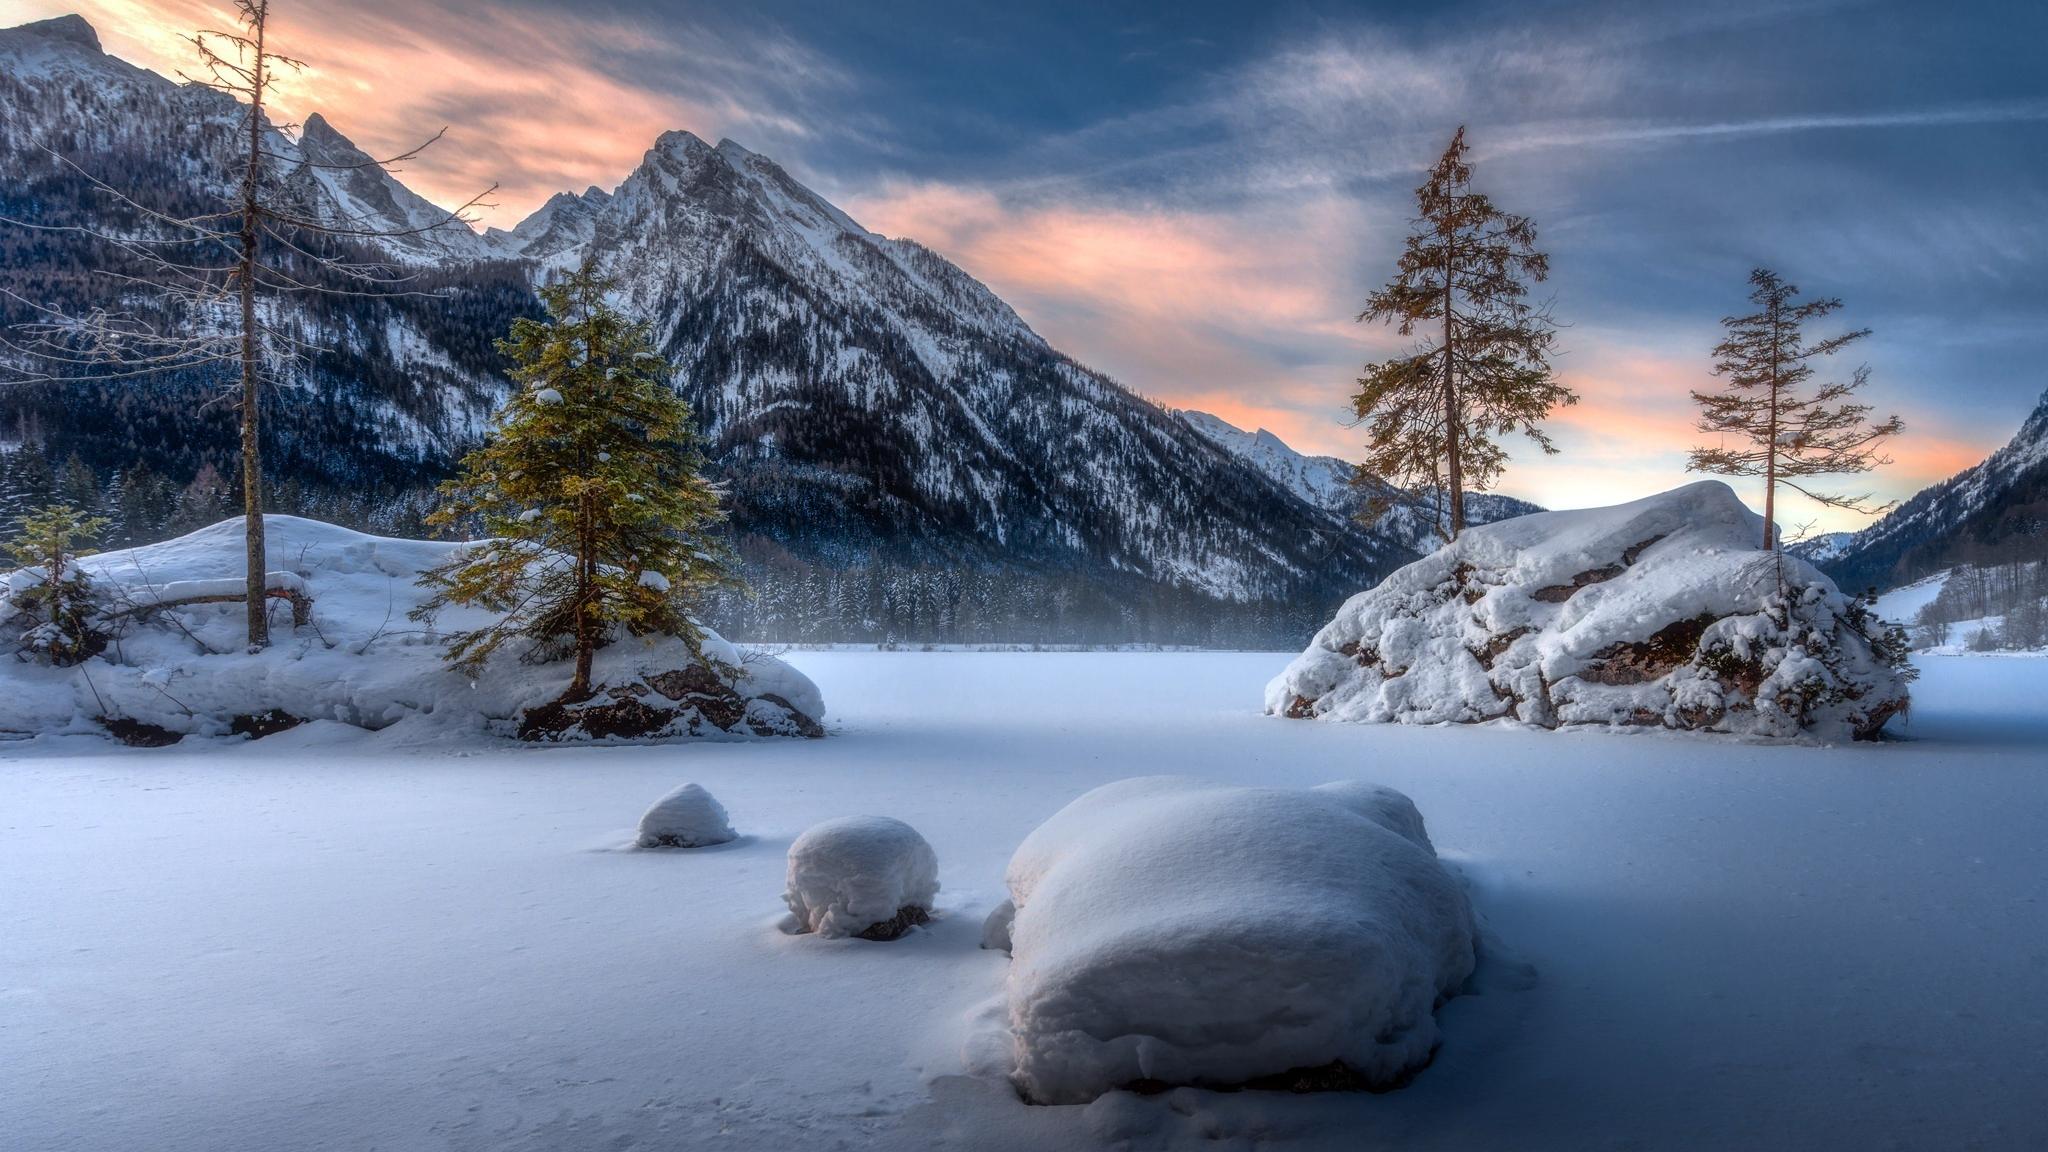 Landscape, mountains, winter, sunset, 2048x1152 wallpaper